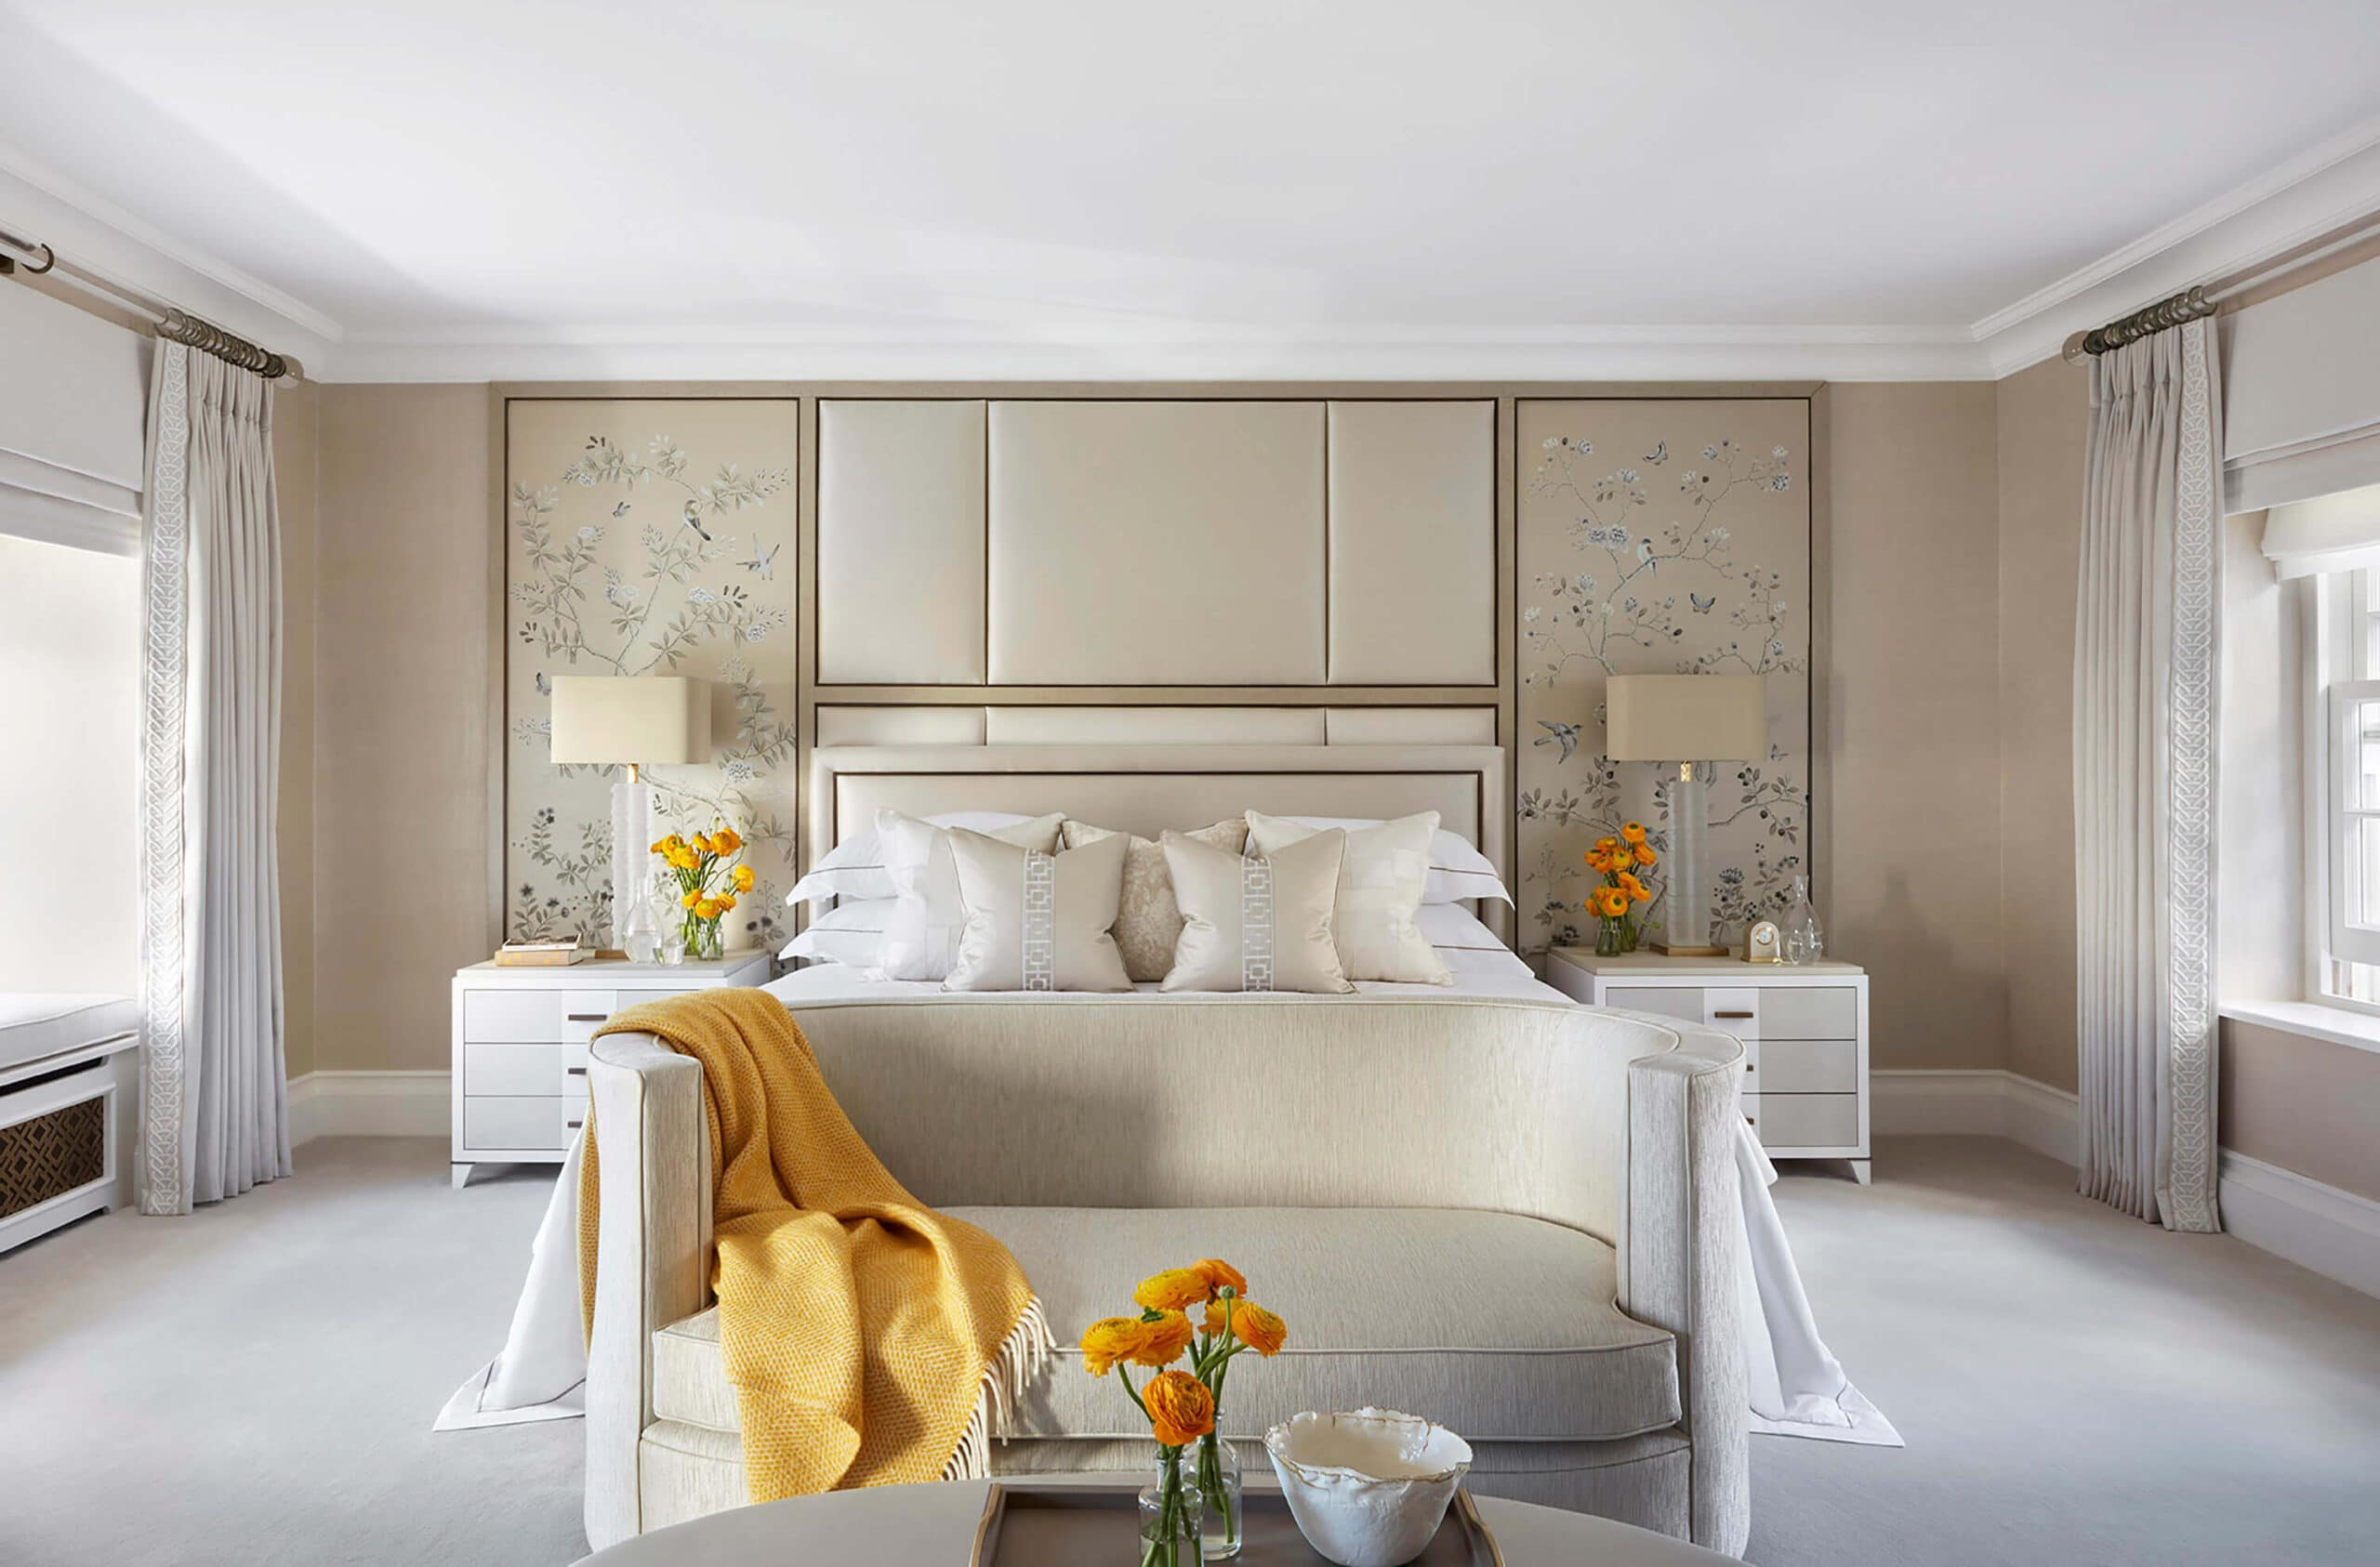 bedoom in kensington interior design project